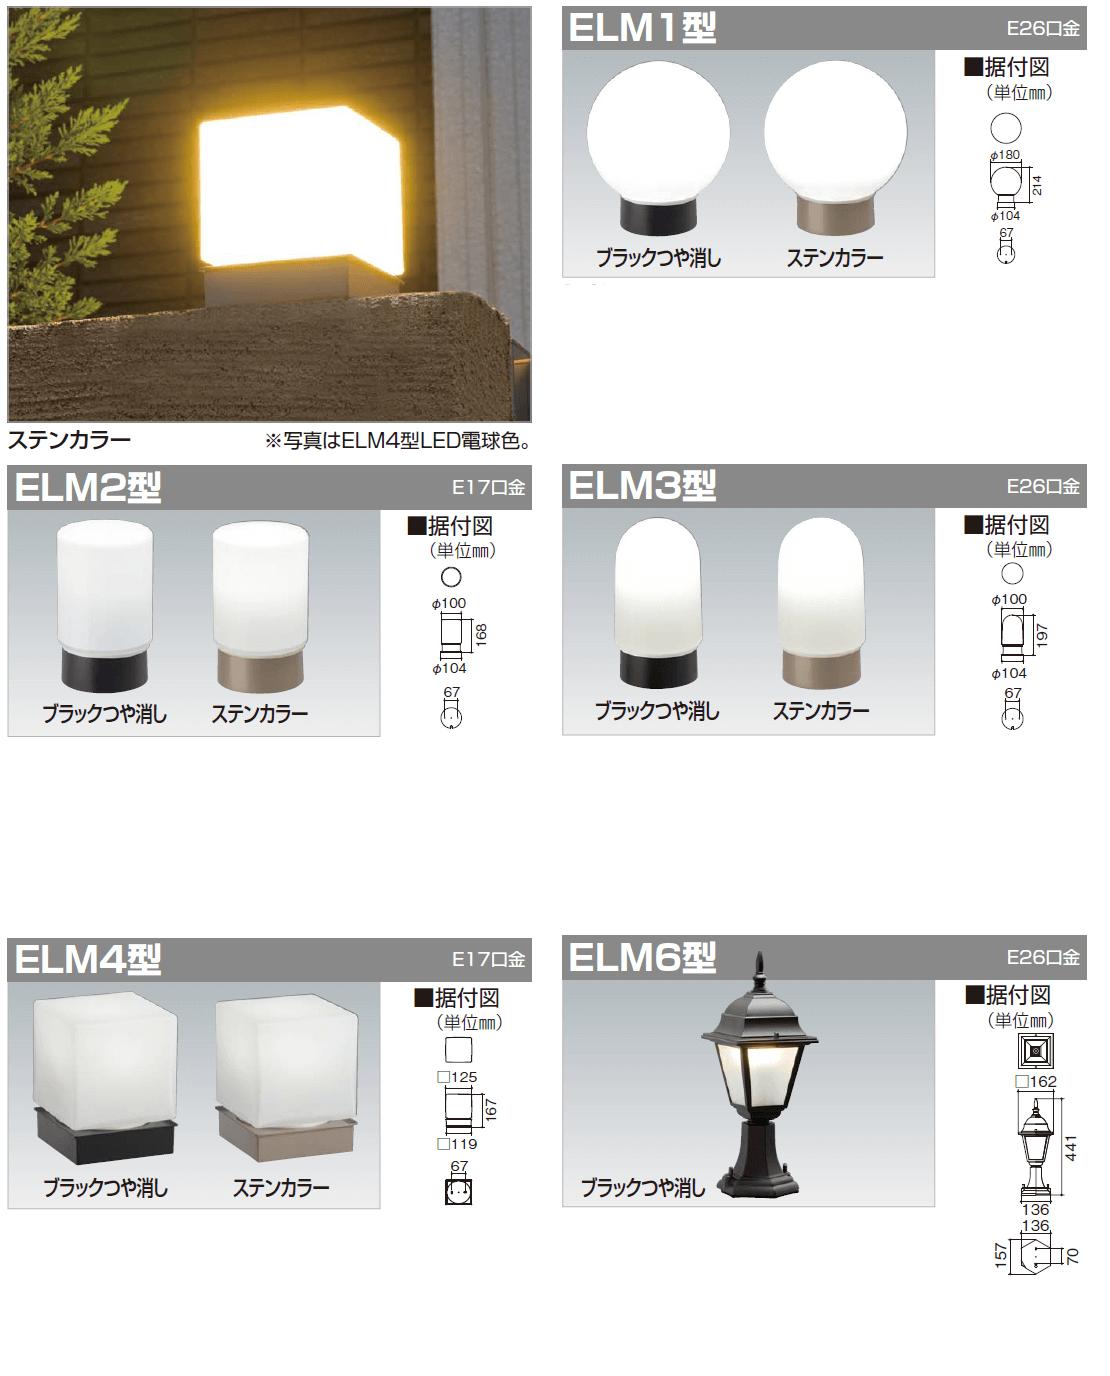 四国化成 エクステリアライトELM1型/ELM2型/ELM3型/ELM4型/ELM6型(門灯タイプ 照明)画像